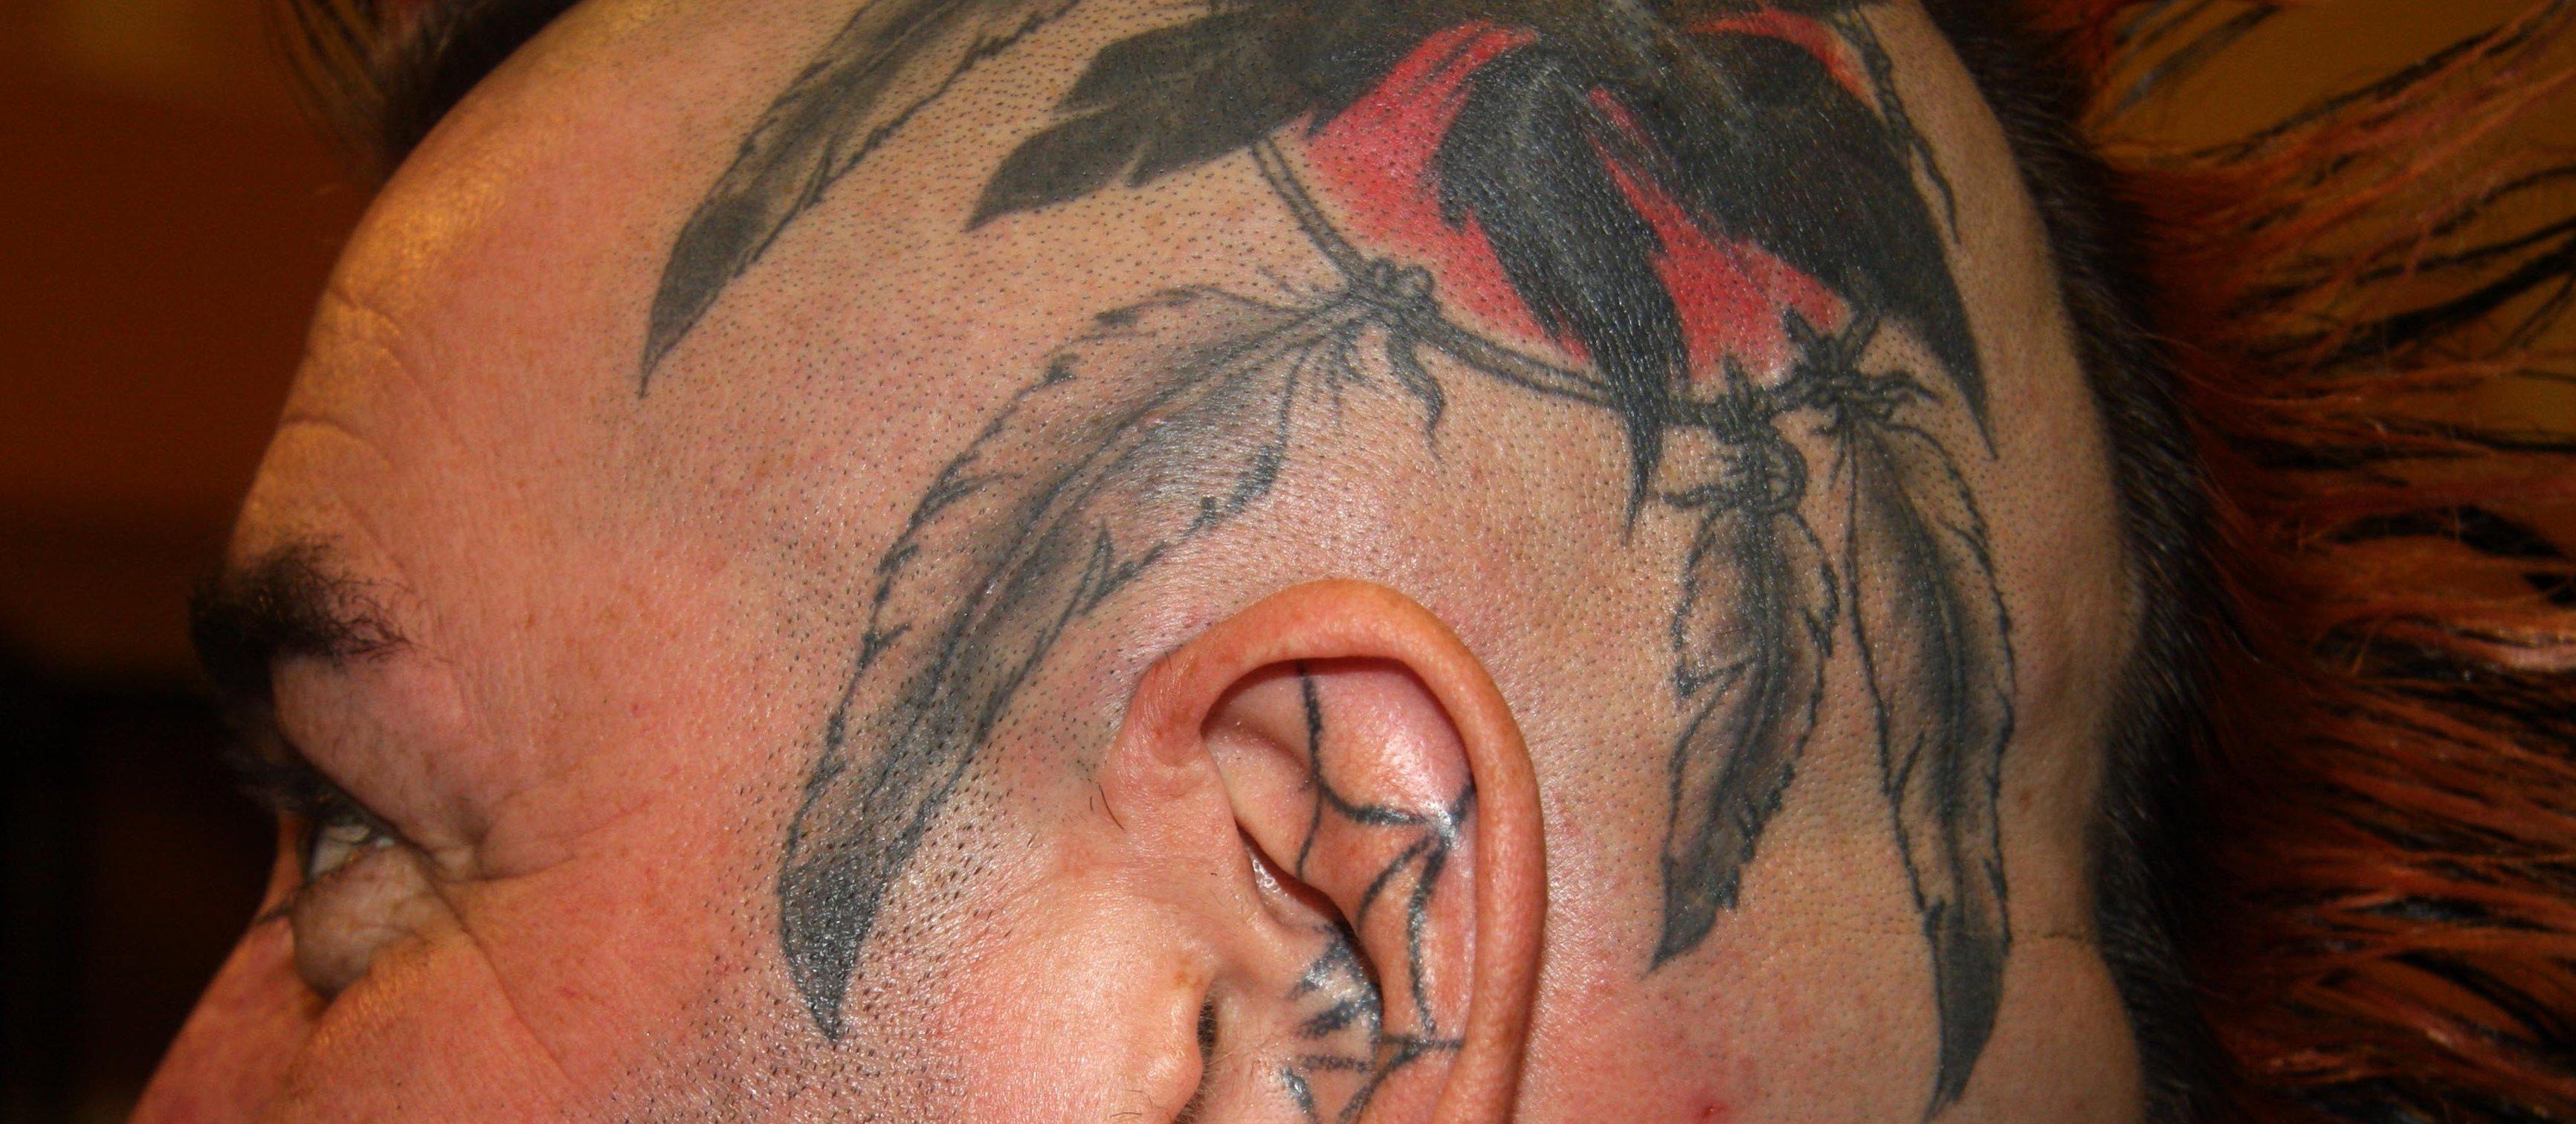 Feder Tattoos und die Bedeutung alletattoo.de 22